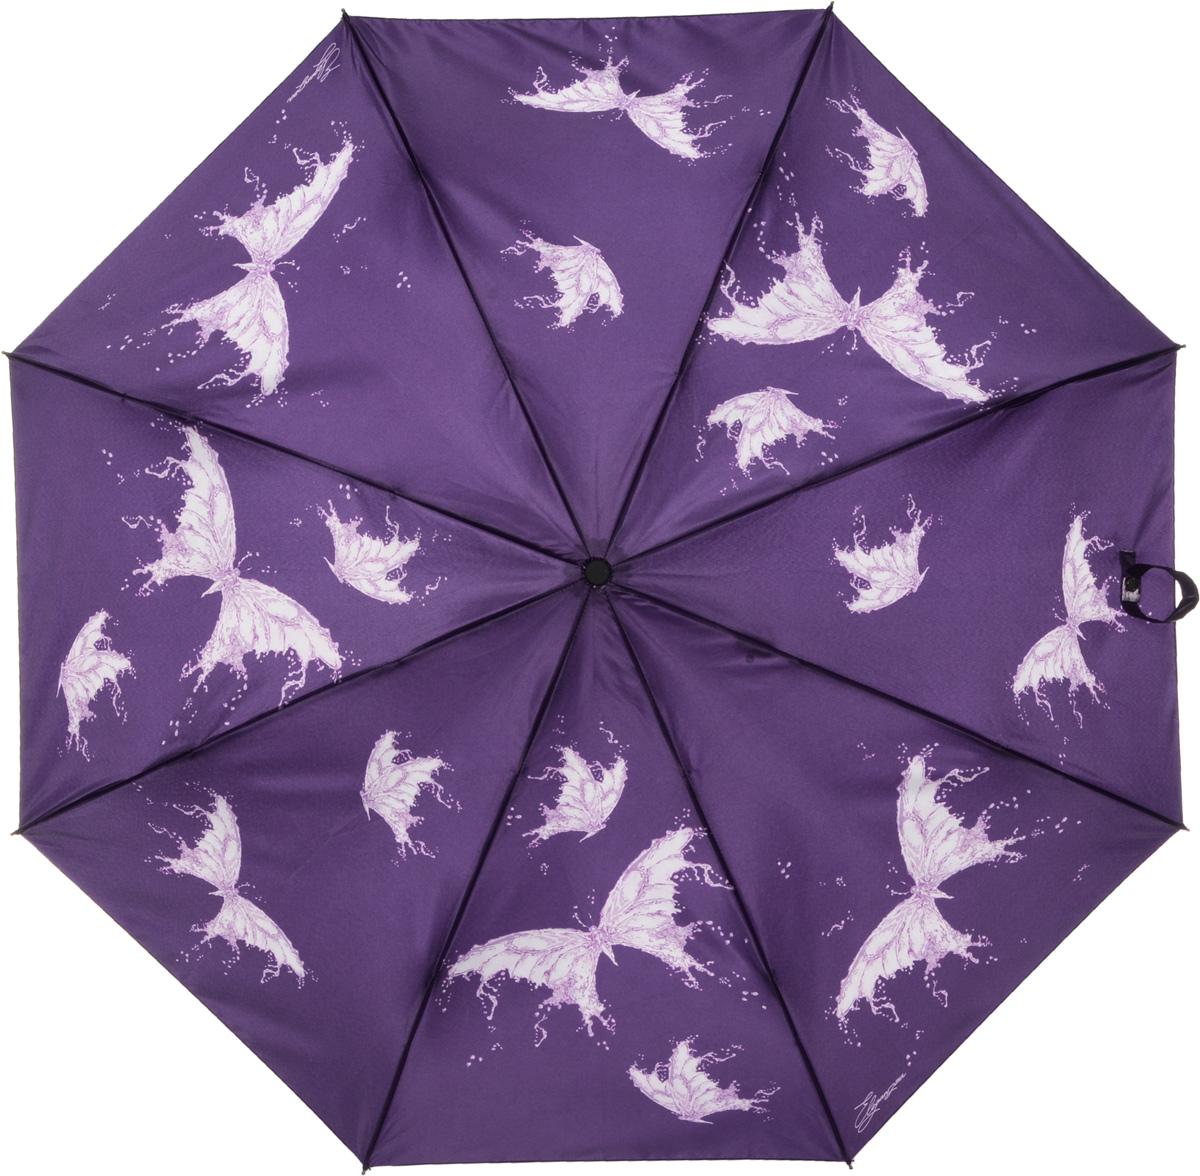 Зонт женский Eleganzza, автомат, 3 сложения, цвет: фиолетовый. A3-05-0253LA3-05-0253LЖенский зонт-автомат ELEGANZZA. Материал купола 100% полиэстер, сатин. Материал каркаса: сталь + фибергласс. Материал ручки: пластик. Длина изделия - 30 см, диаметр купола - 105 см.